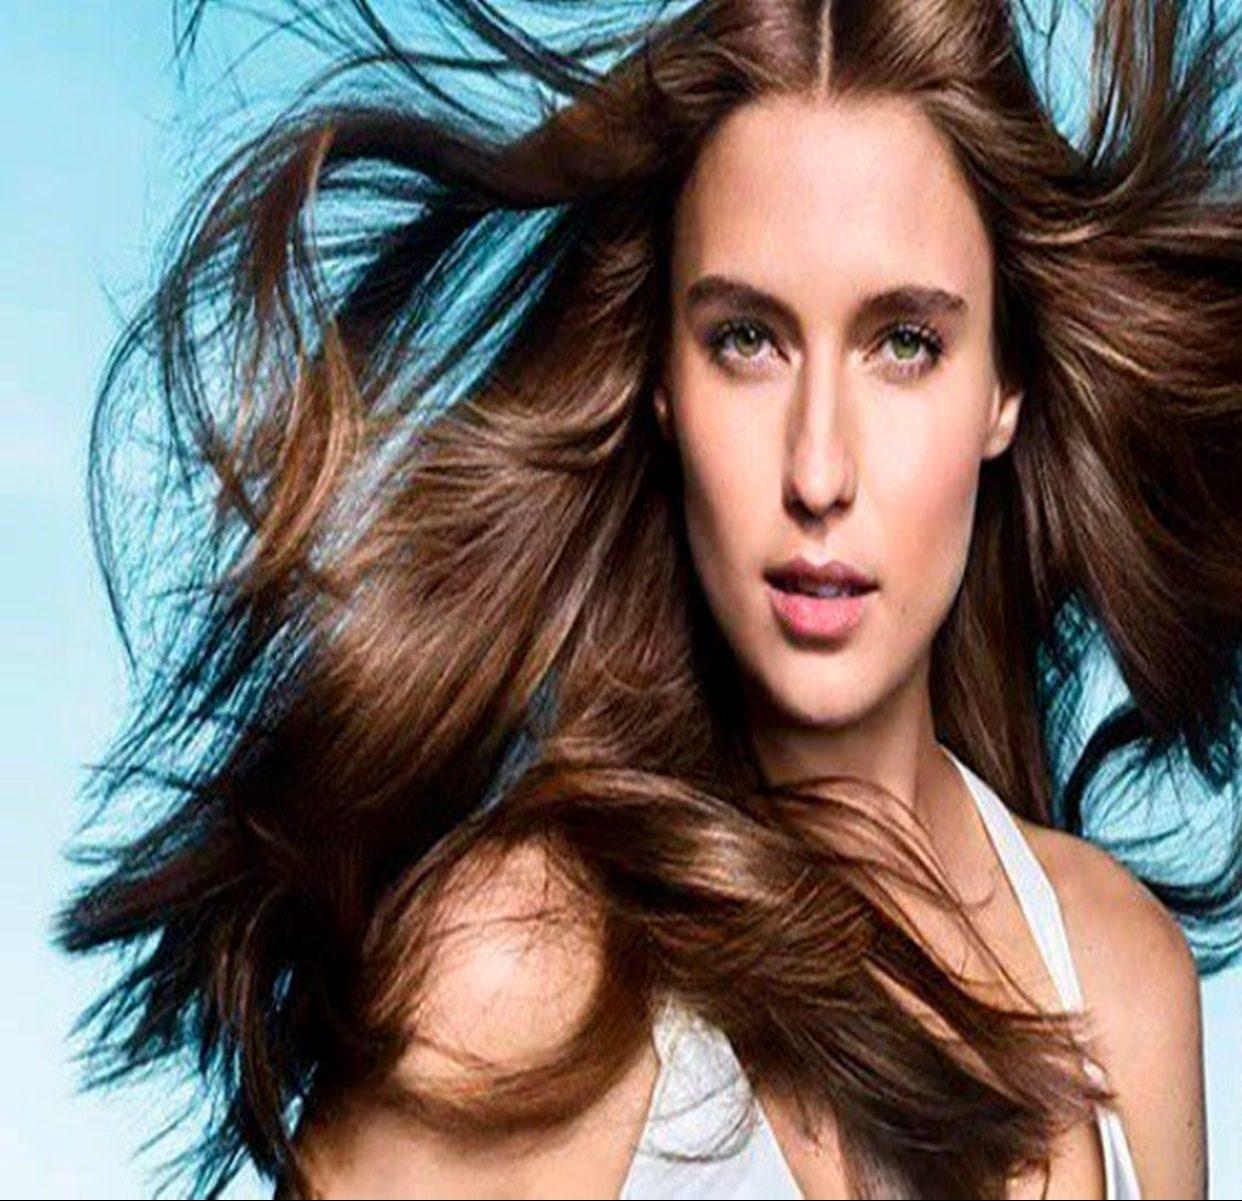 Μαλλιά : Αναζωογονήστε τα με φυσικό τρόπο